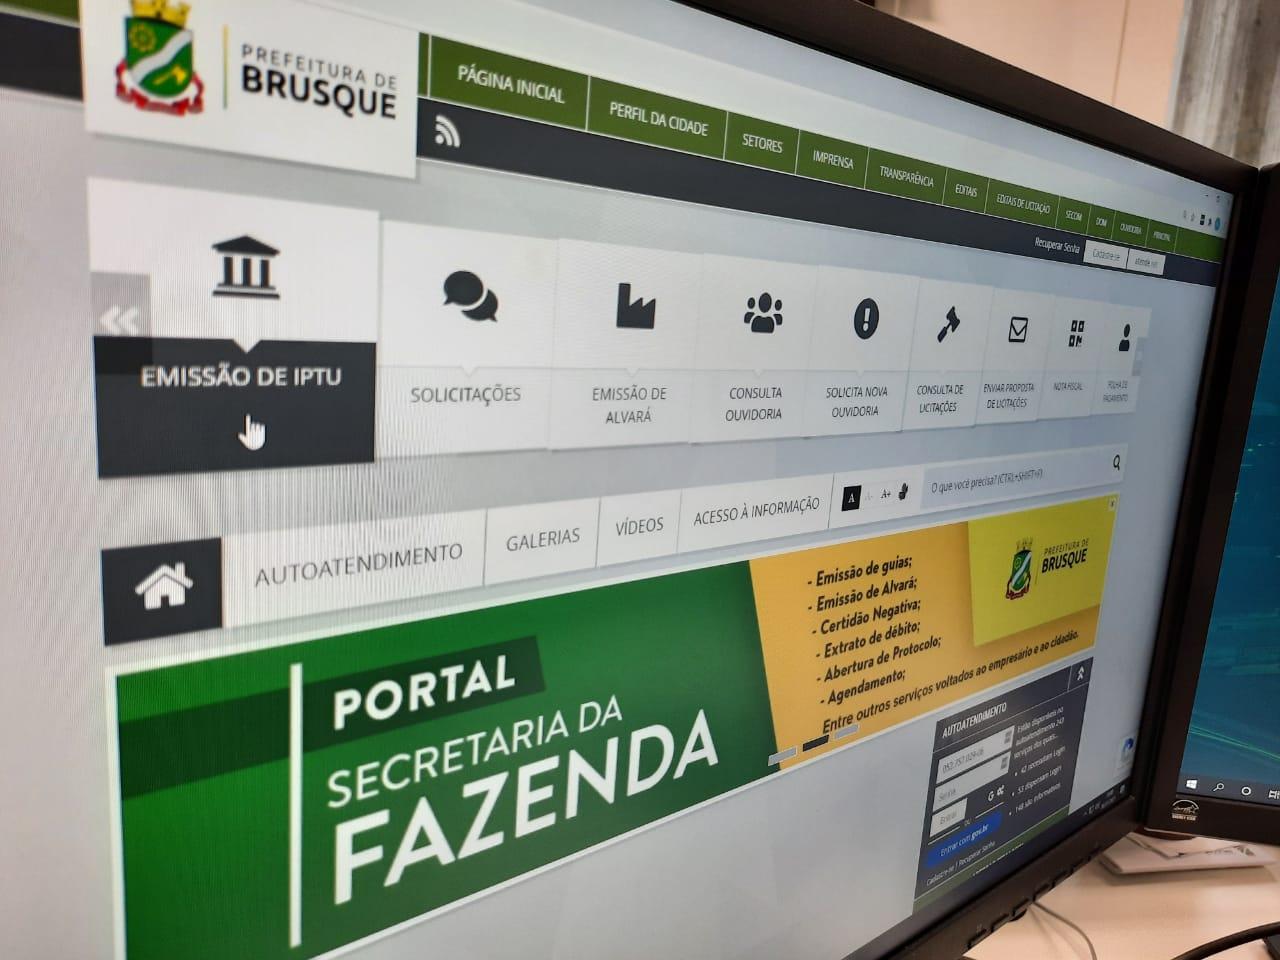 Prefeitura de Brusque já arrecadou 55% do valor total do IPTU 2021